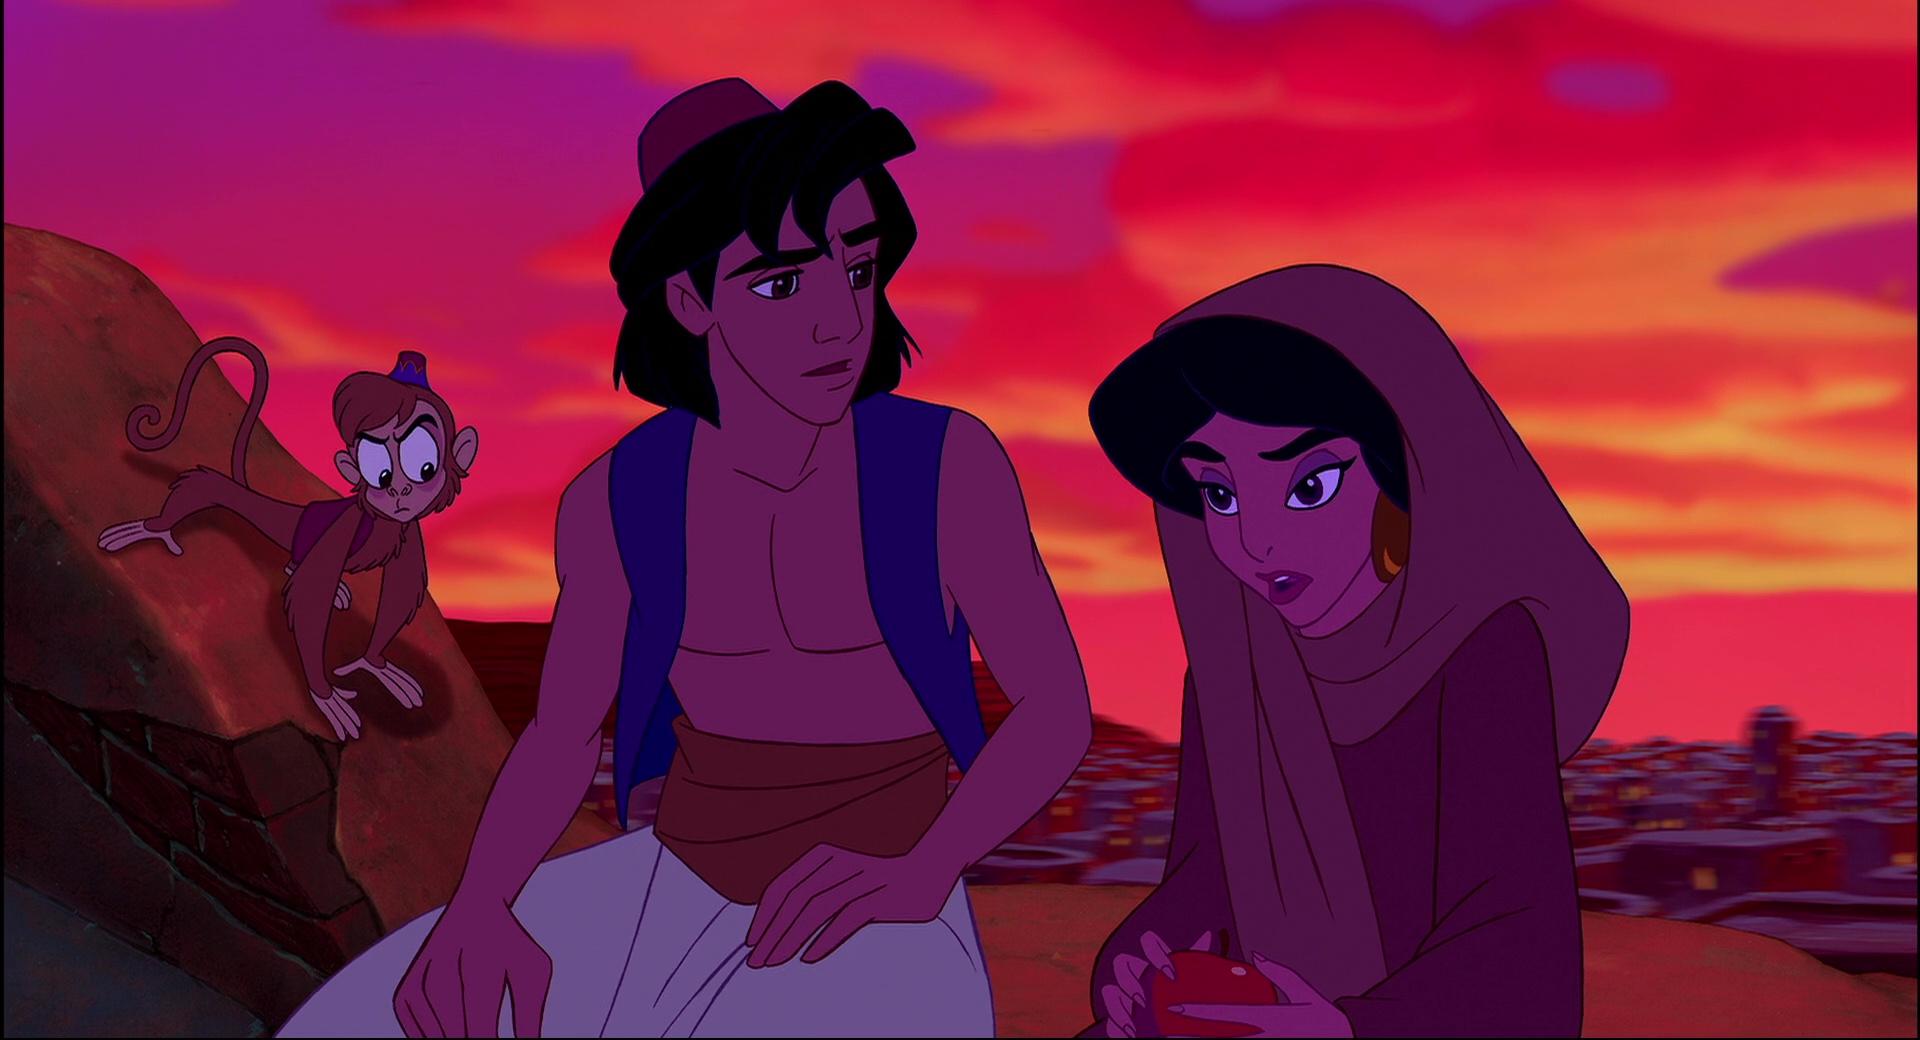 File:Aladdin,Abu, and Jasmine.jpg